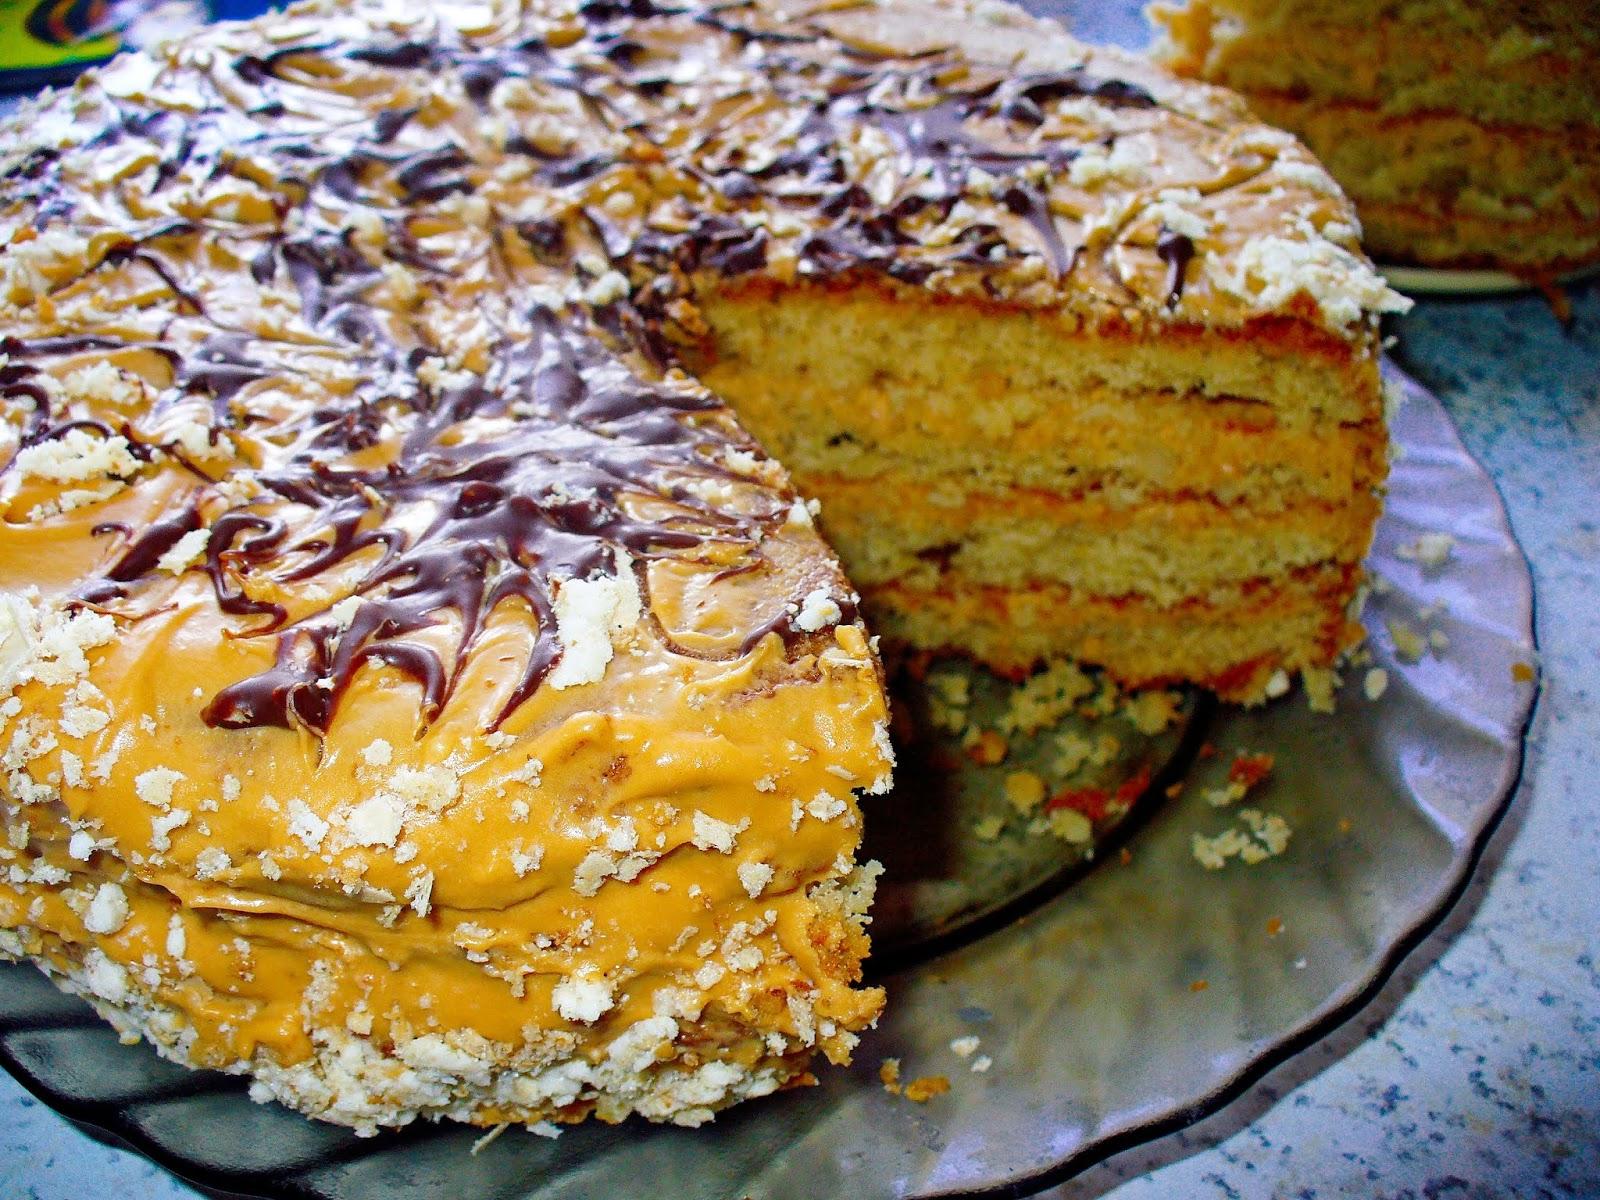 Пирог со сгущёнкой и арахисом - Кулинарные рецепты | 1200x1600